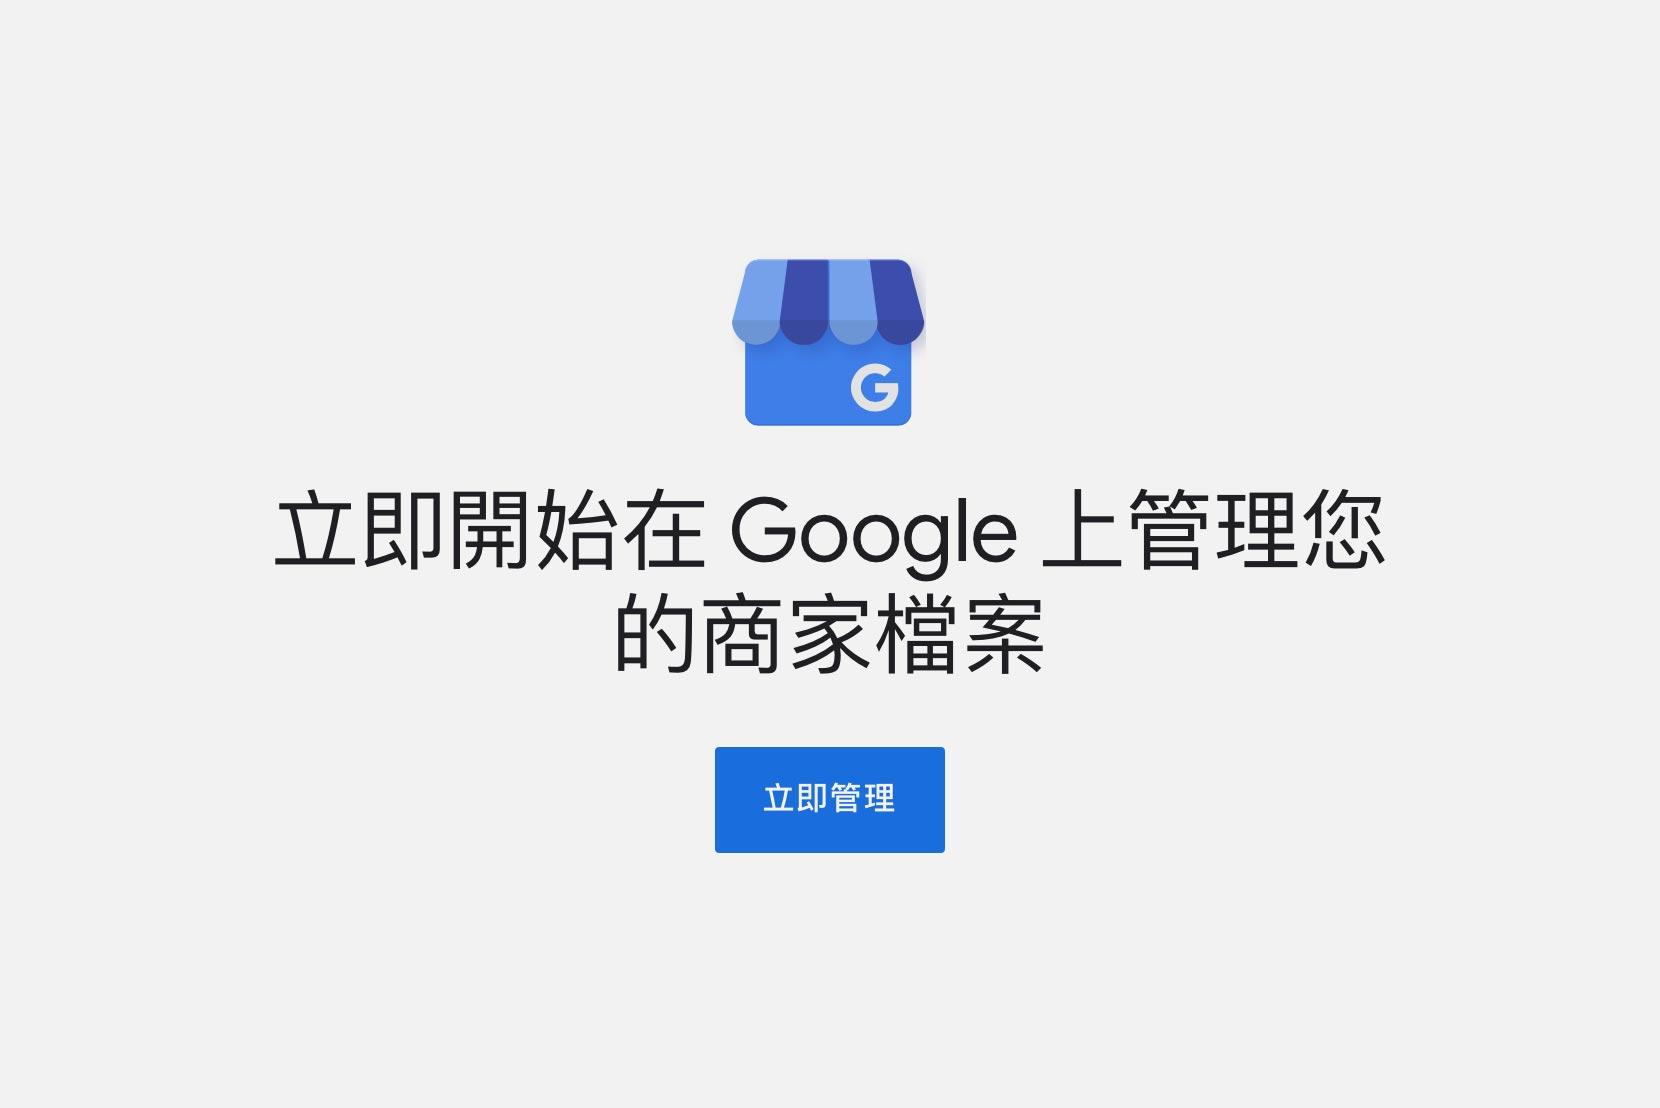 """( 文 / 網頁設計公司 • 2.5D 品牌顧問 圖 / Google 商家 ) GMB-Google 商家(Google My Business),設定流程非常簡單,只要按著導覽指示不到10分鐘就可以設定完成,本篇文章列表設定流程並介紹設定好Google 商家(Google My Business)的對事業經營的諸多好康。 簡單步驟安裝GMB-Google 商家(Google My Business): 設定請前網右邊網址→:https://www.google.com/intl/zh-TW_tw/business/ 登入立即管理 尋找並管理您的商家 輸入商家名稱 請選擇最符合您商家的類別 是否您想要新增店面或辦公室等客戶可造訪的地點,填入地址在哪 您是否有在這個營業地點以外為客戶提供服務 可增加新增服務範圍 (選填) 您想要向客戶顯示哪些聯絡方式(電話與網站) 掌握最新動態 Google 會針對您的商家提供更新消息和建議,您是否想收到這類通知? 選擇驗證方式 可選電話與名信片驗證 您必須完成驗證程序,才能全面管理您的商家資訊。台北網頁設計公司推薦-2.5D提供:SEO關鍵字優化響應式形象網頁設計、RWD品牌SEO關鍵字優化網站設計、SEO關鍵字優化工具、WordPress網頁設計客製化與專業版型套版、SEO關鍵字優化網頁設計範例作品集、網頁設計SEO關鍵字優化步驟、公司數位轉型/網路購物開店SEO關鍵字優化/電商SEO關鍵字優化洽詢。活動ㄧ頁式網站設計、學校網頁設計SEO關鍵字優化、科技外銷貿易網頁設計SEO關鍵字優化、醫療美容生技醫美研究中心計畫網站架設、大學系所網頁設計SEO關鍵字優化、藝廊網頁設計SEO關鍵字優化、餐廳網頁設計SEO關鍵字優化-客戶觸及台中,台南,高雄,北台灣(桃園,新竹,台北)。「如何規劃建置高評價SEO關鍵字優化形象網站?""""網頁設計公司""""報價單、價格、收費、費用歡迎聯繫!」"""